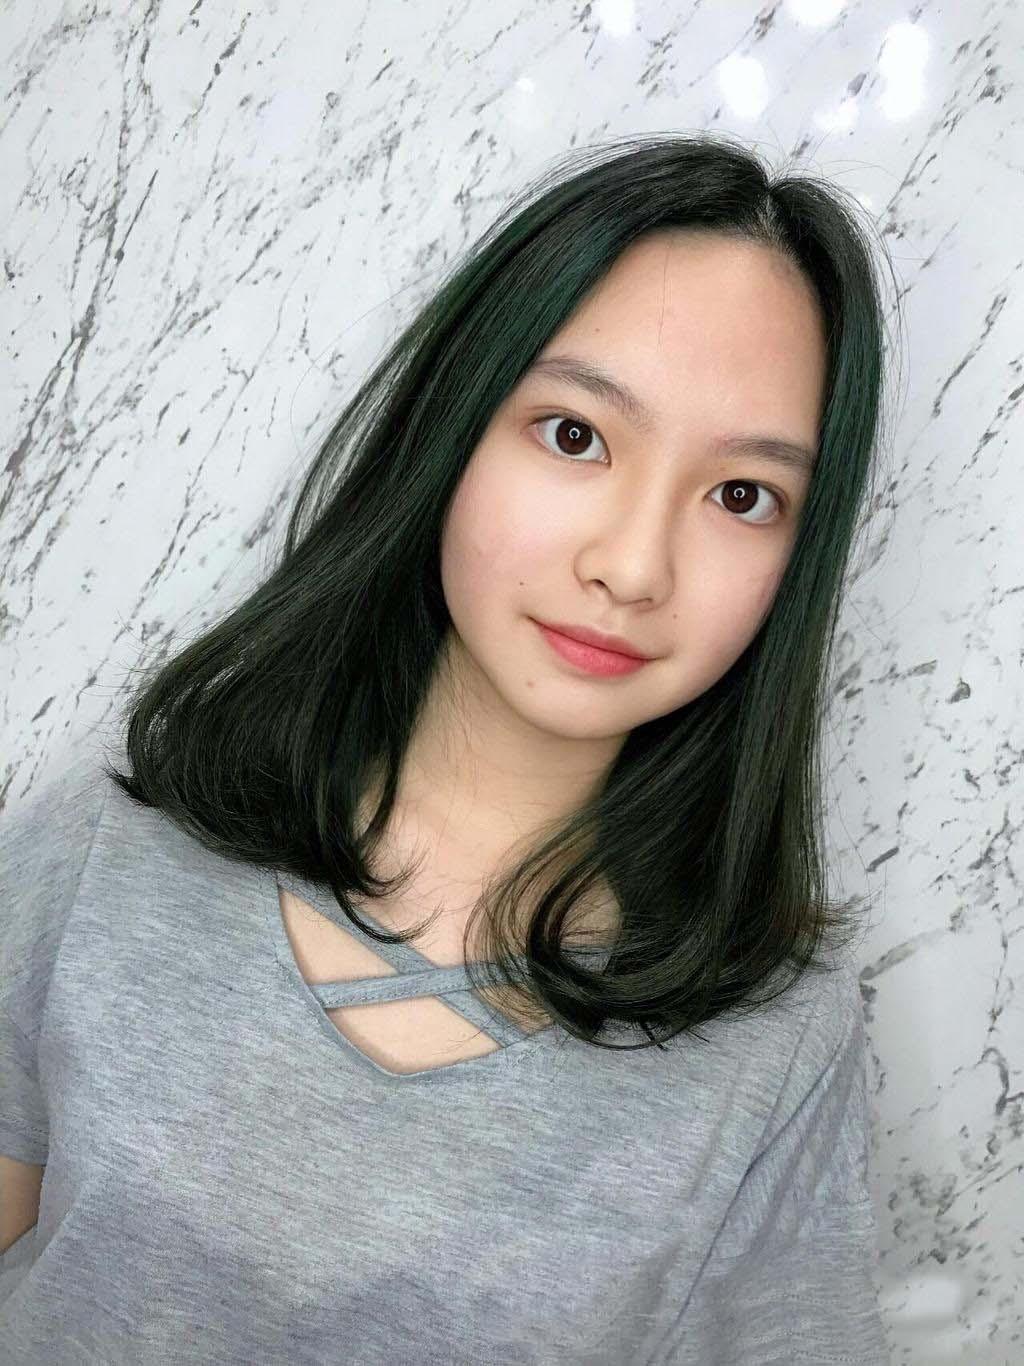 以墨綠為基底,搭配米灰色光,整體髮色非常有層次,讓女孩自帶森林系清新風格與空靈氣質!